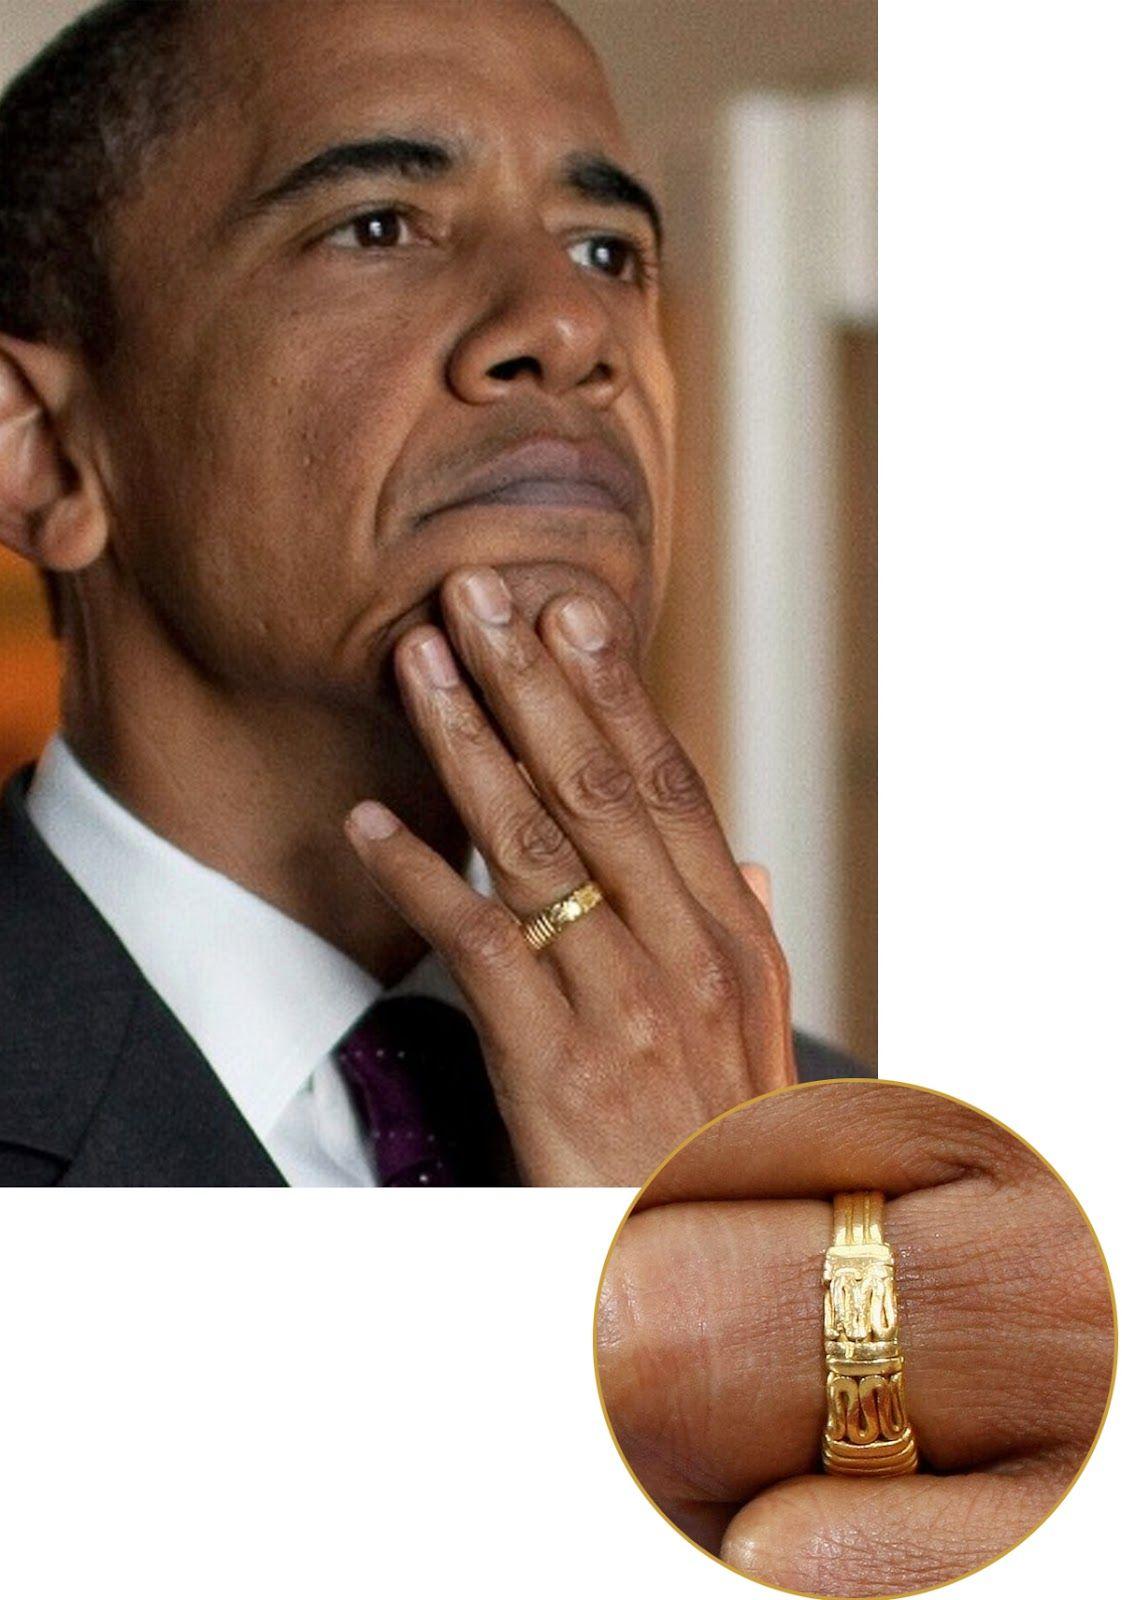 Barack Obama S Gold Wedding Band Coloredgems Blogspot Com Pray For America Obama Profession Of Faith